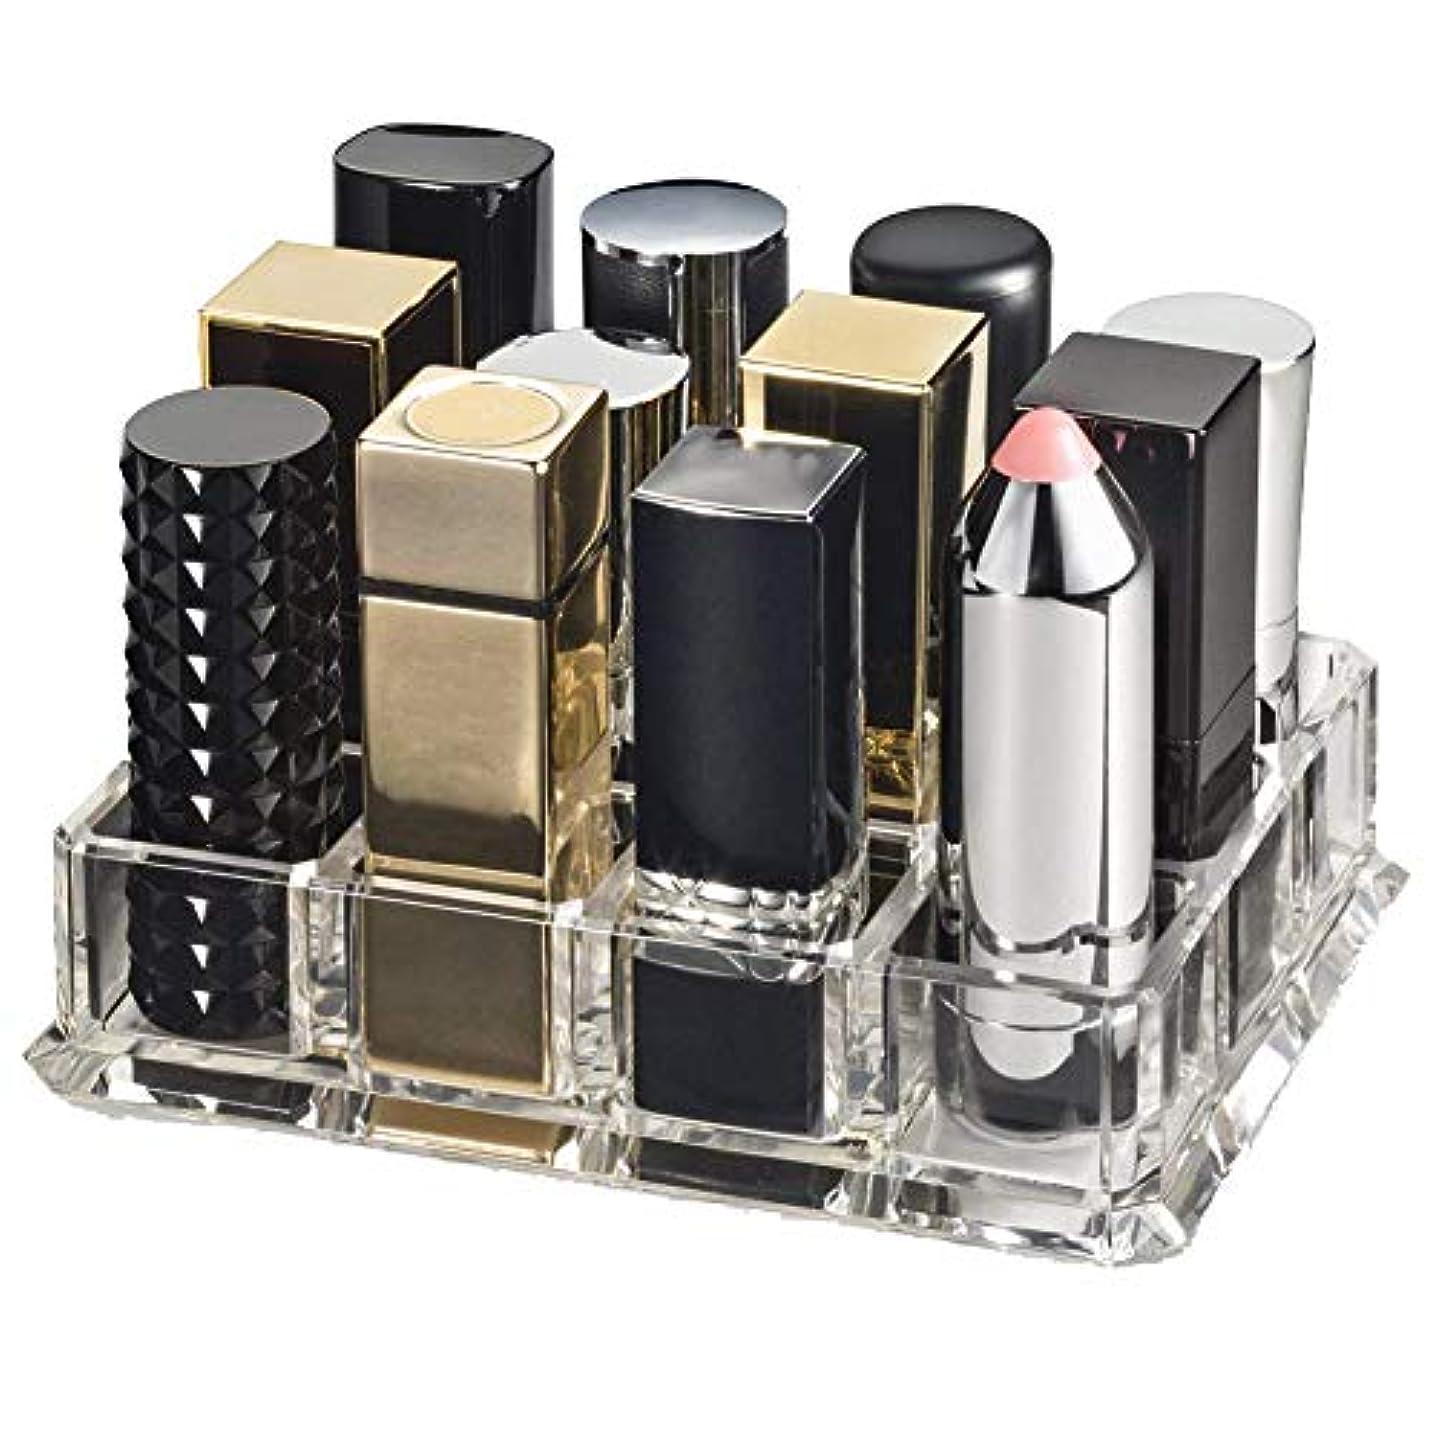 男全国ポップhamulekfae-化粧品綺麗クリアアクリル口紅オーガナイザー12スペース化粧品収納ボックスケース - 透明